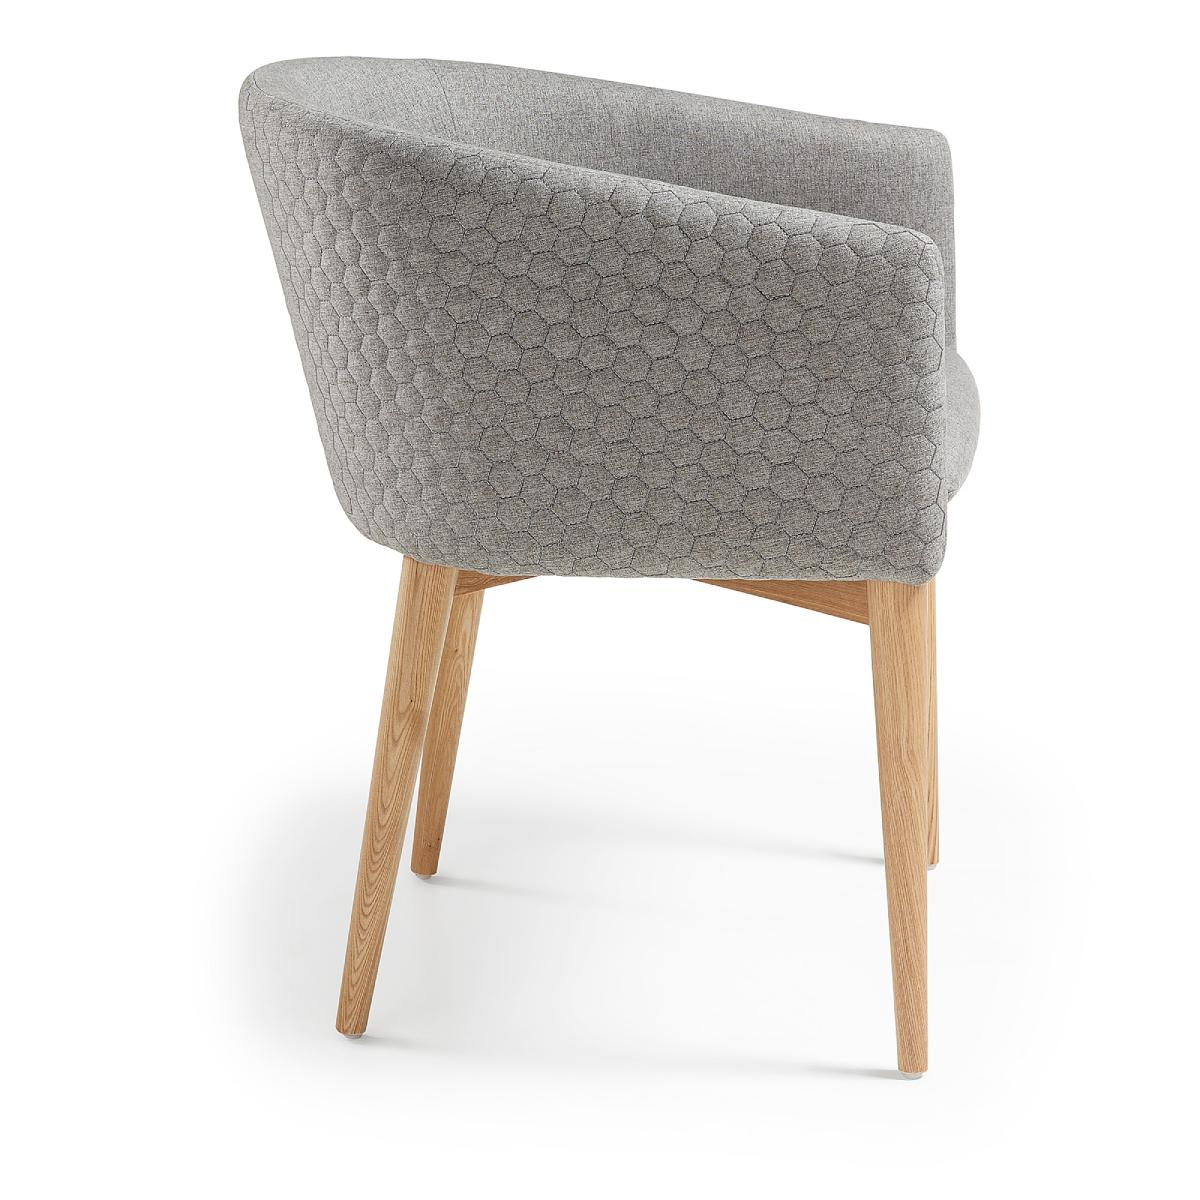 Jazzy vert chaise design geometrique achat vente chaises design mycreat - Chaises soldes design ...